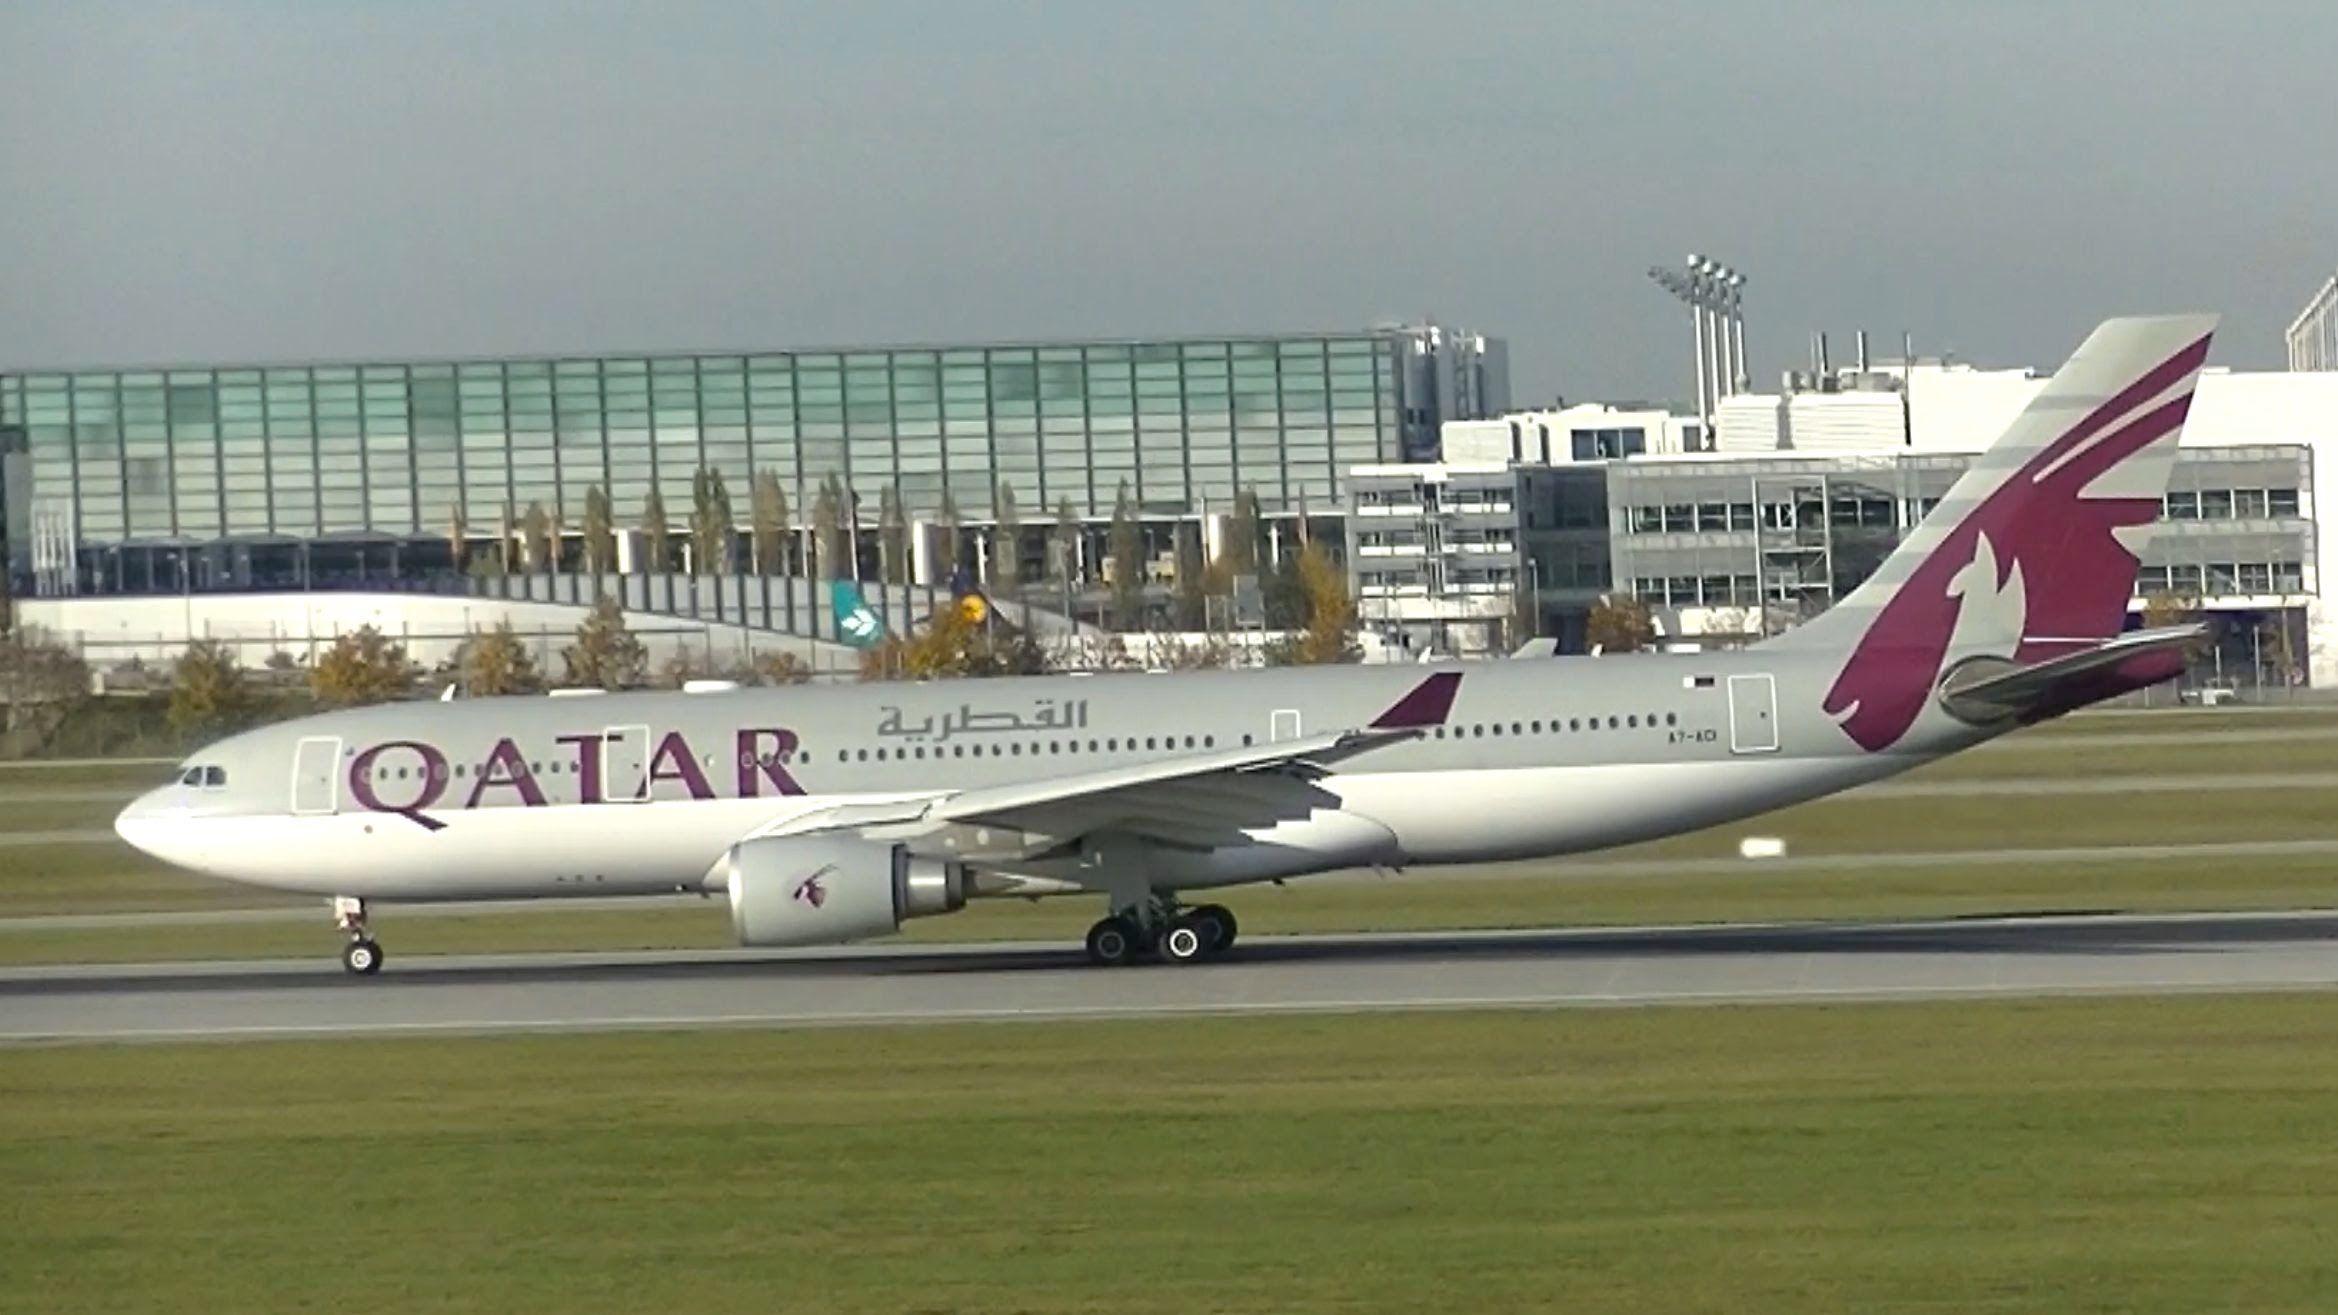 Qatar Airways Airbus A330 202 Flight Qr058 Munich To Doha A7 Aci Qatar Airways Airbus Munich